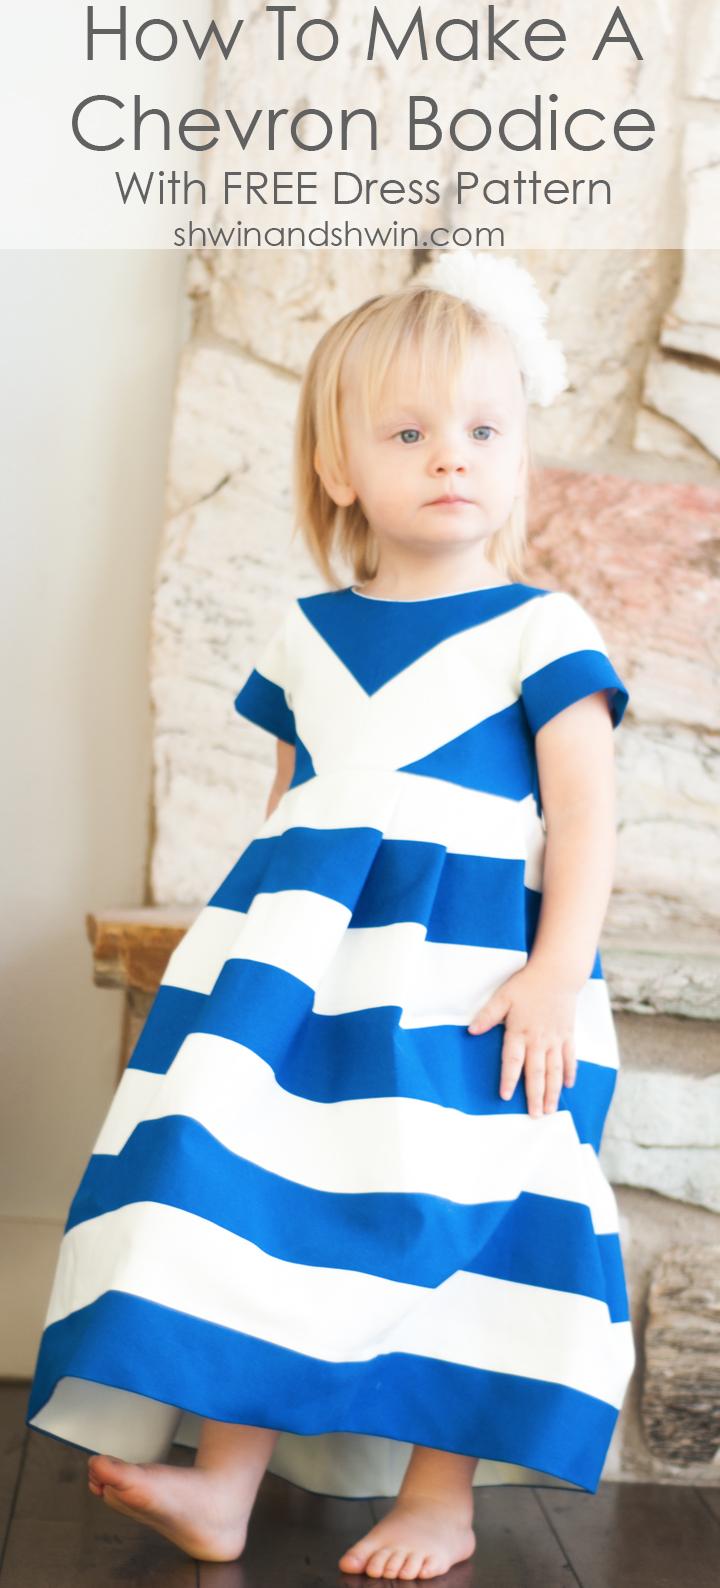 How to make a chevron bodice || Free Dress Pattern 12m-8Y || Shwin&Shwin